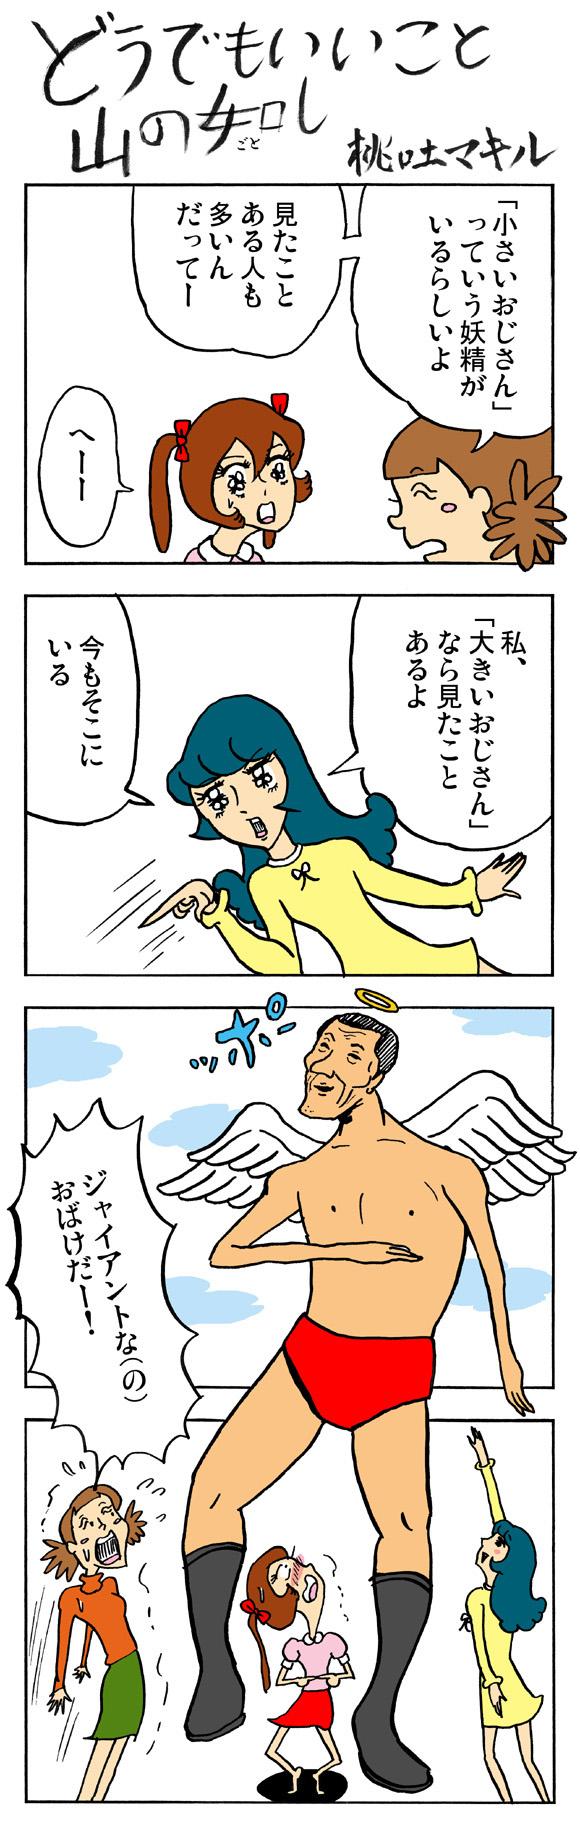 【まんが】どうでもいいこと山の如し「第37話:聖なる妖精の如し」 by 桃吐マキル